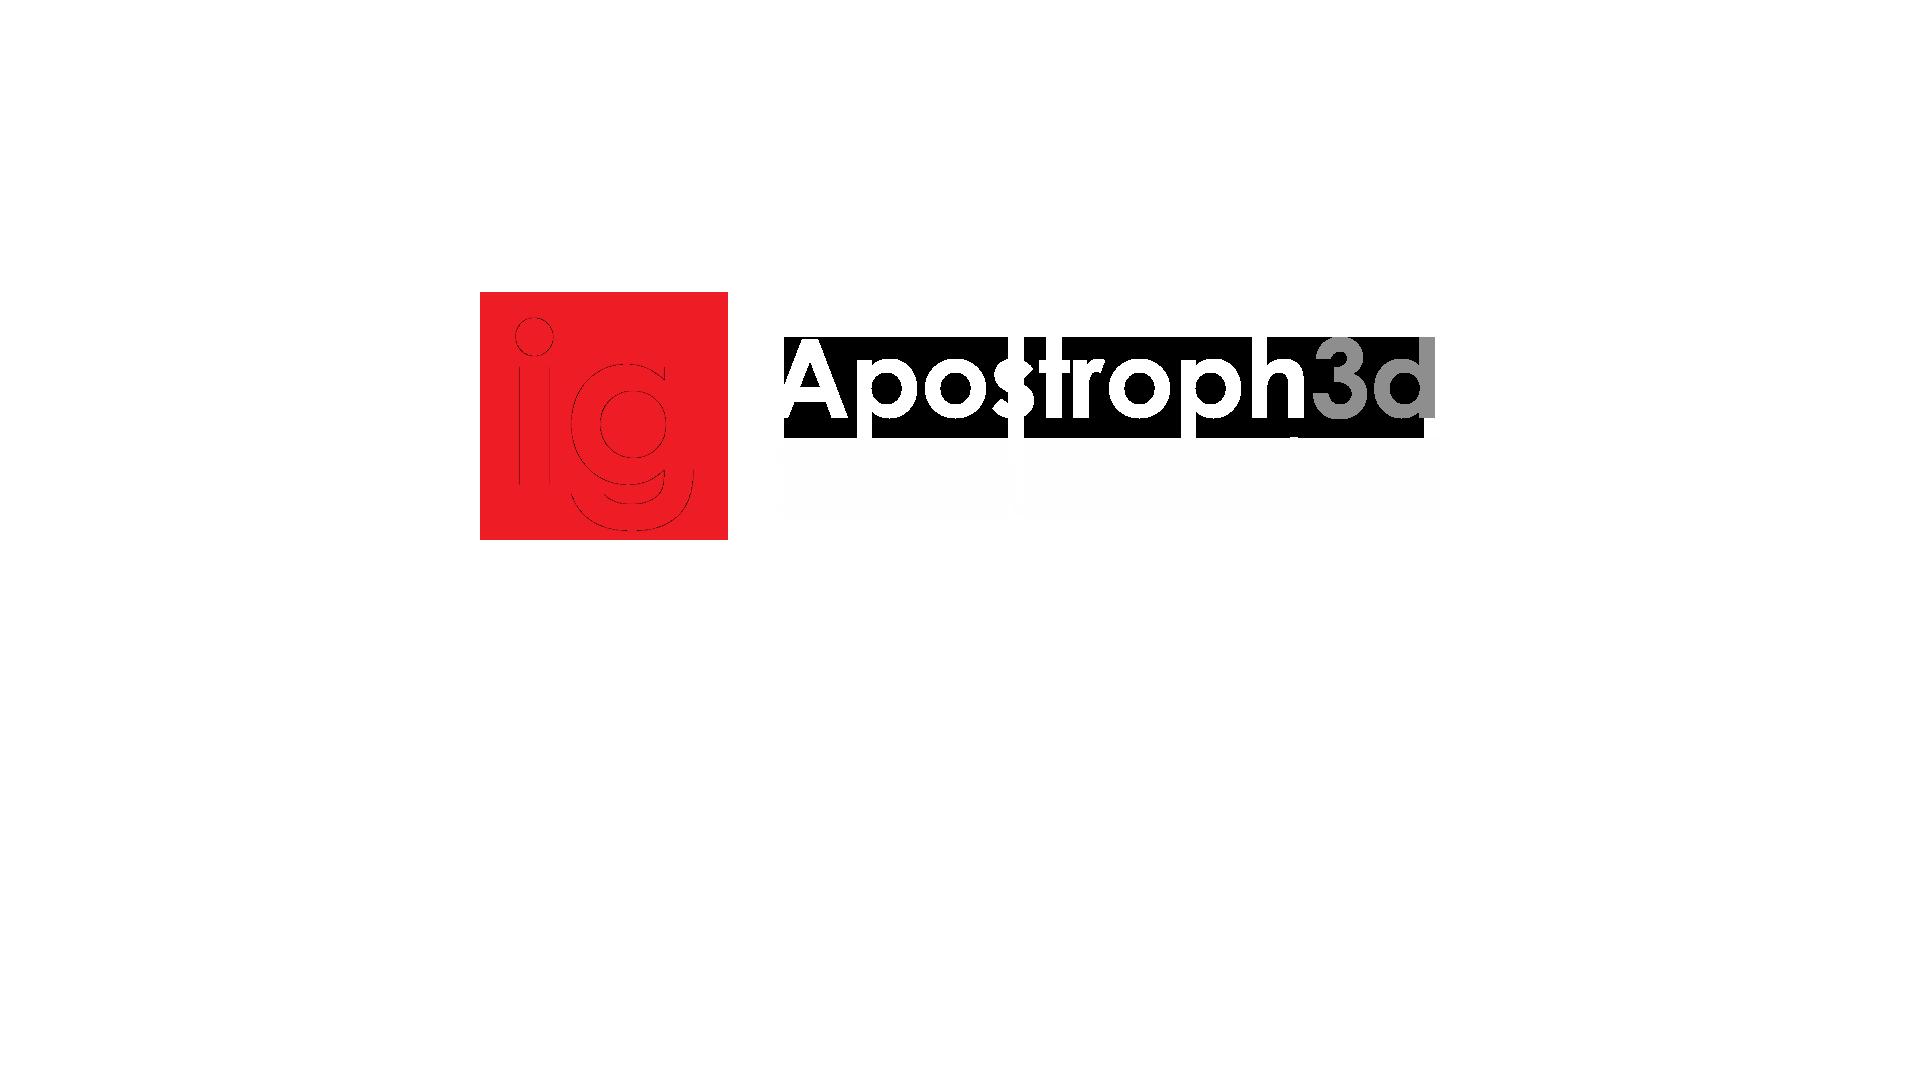 Logotype Apostroph3d Studio